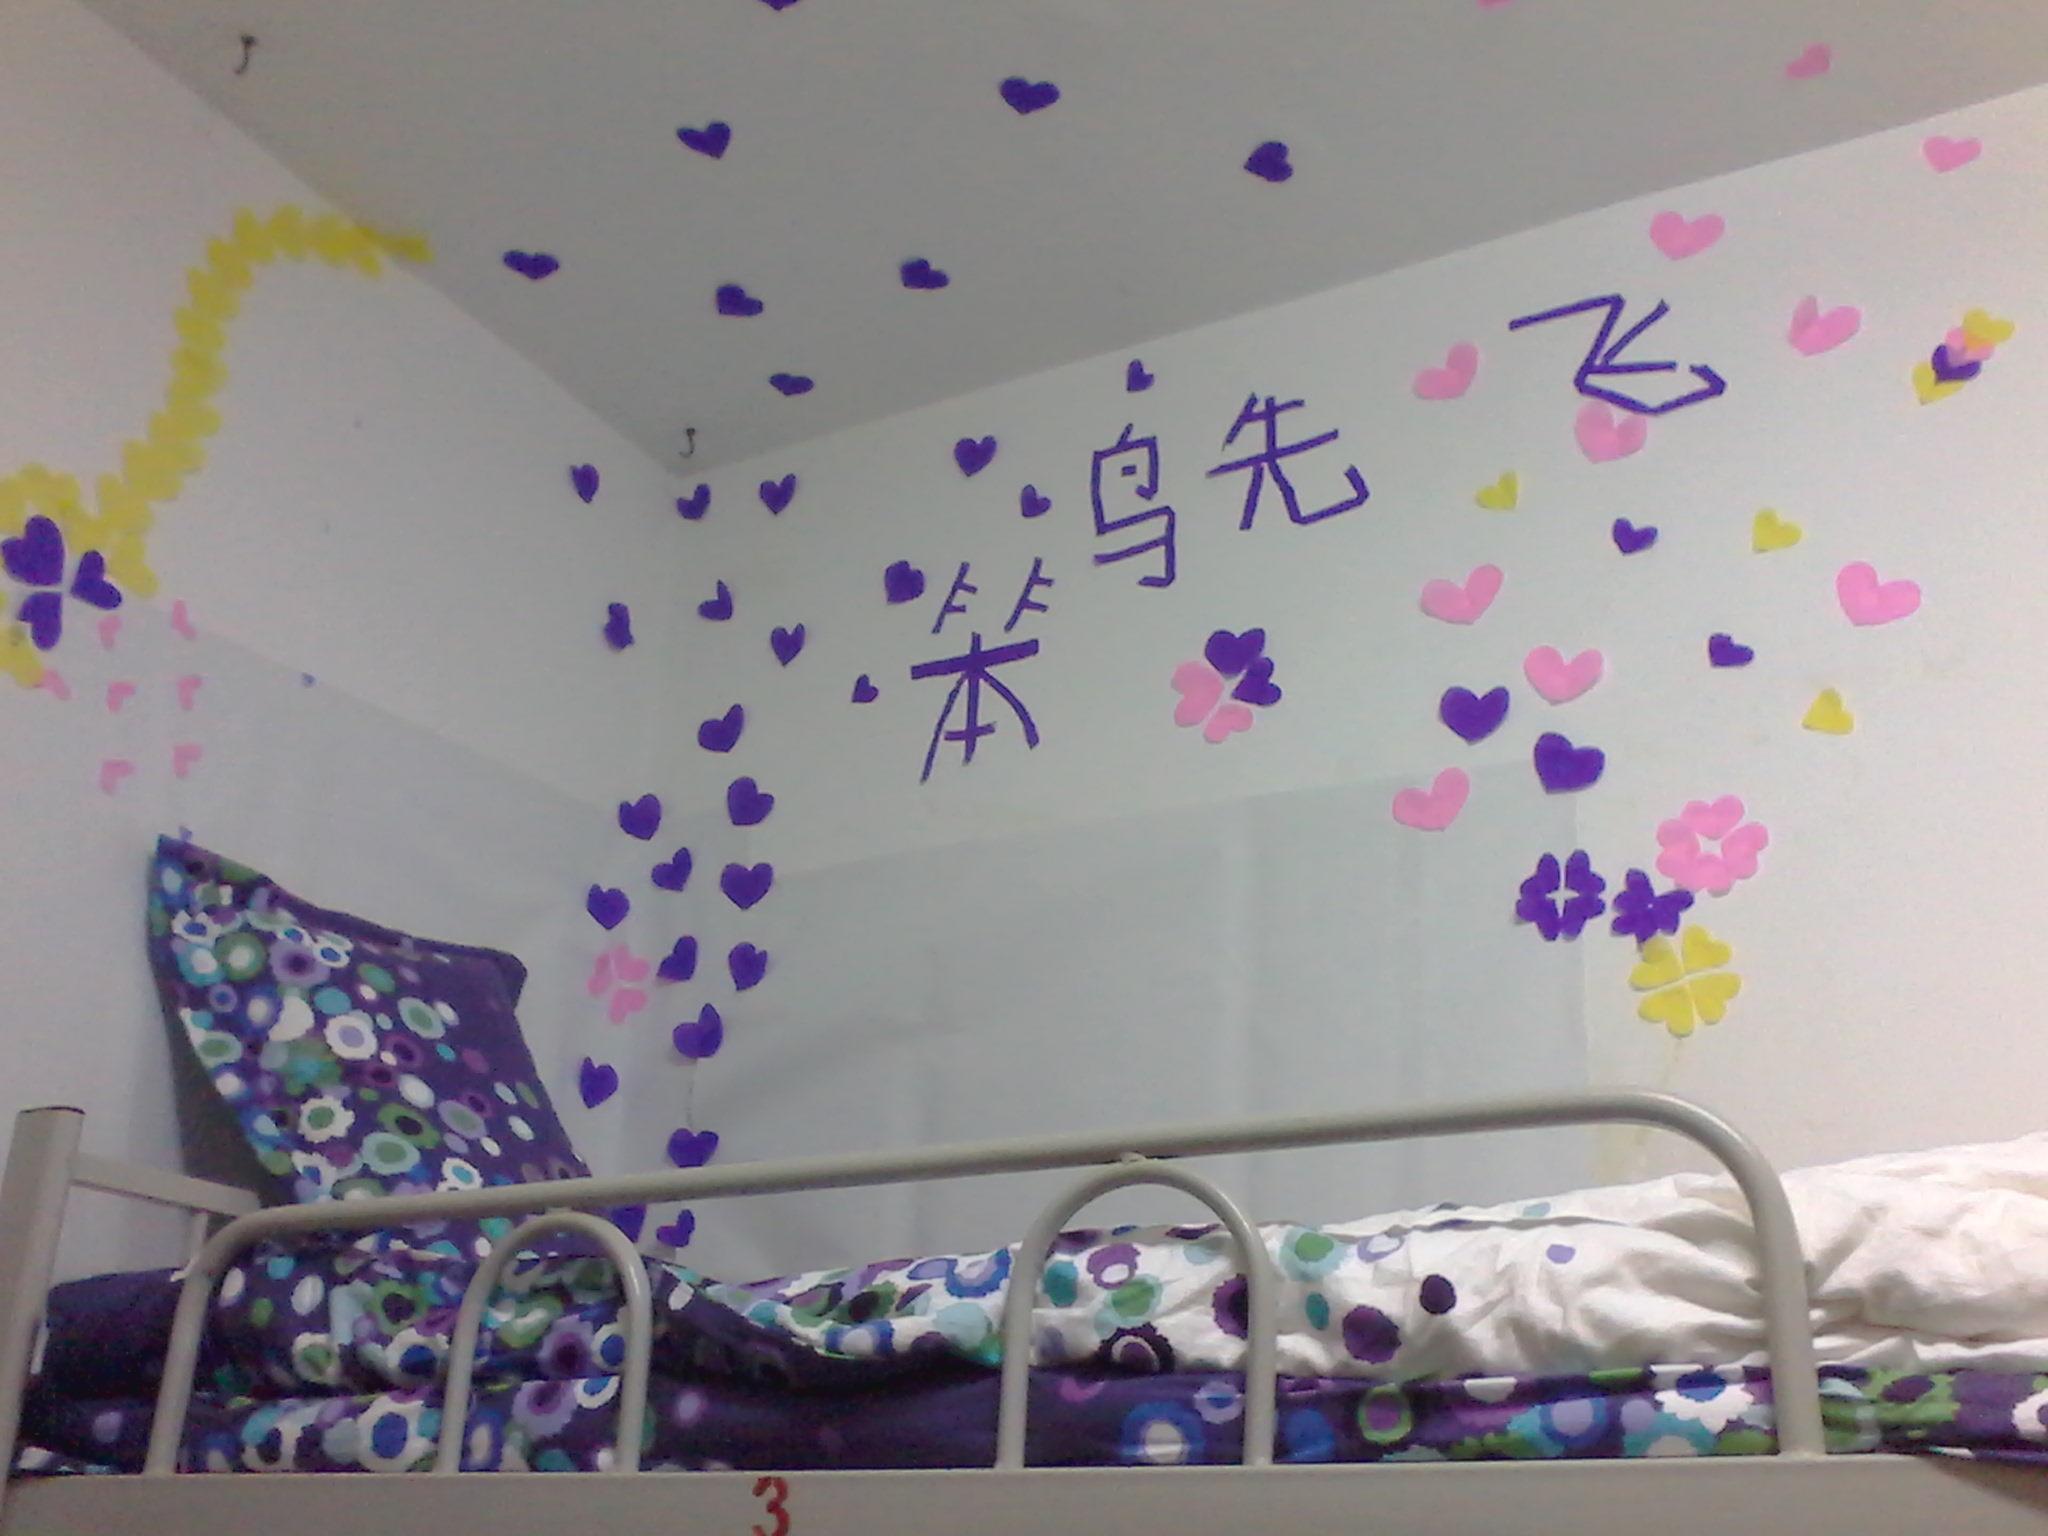 一些大学里的寝室装扮内容一些大学里的寝室装扮图片